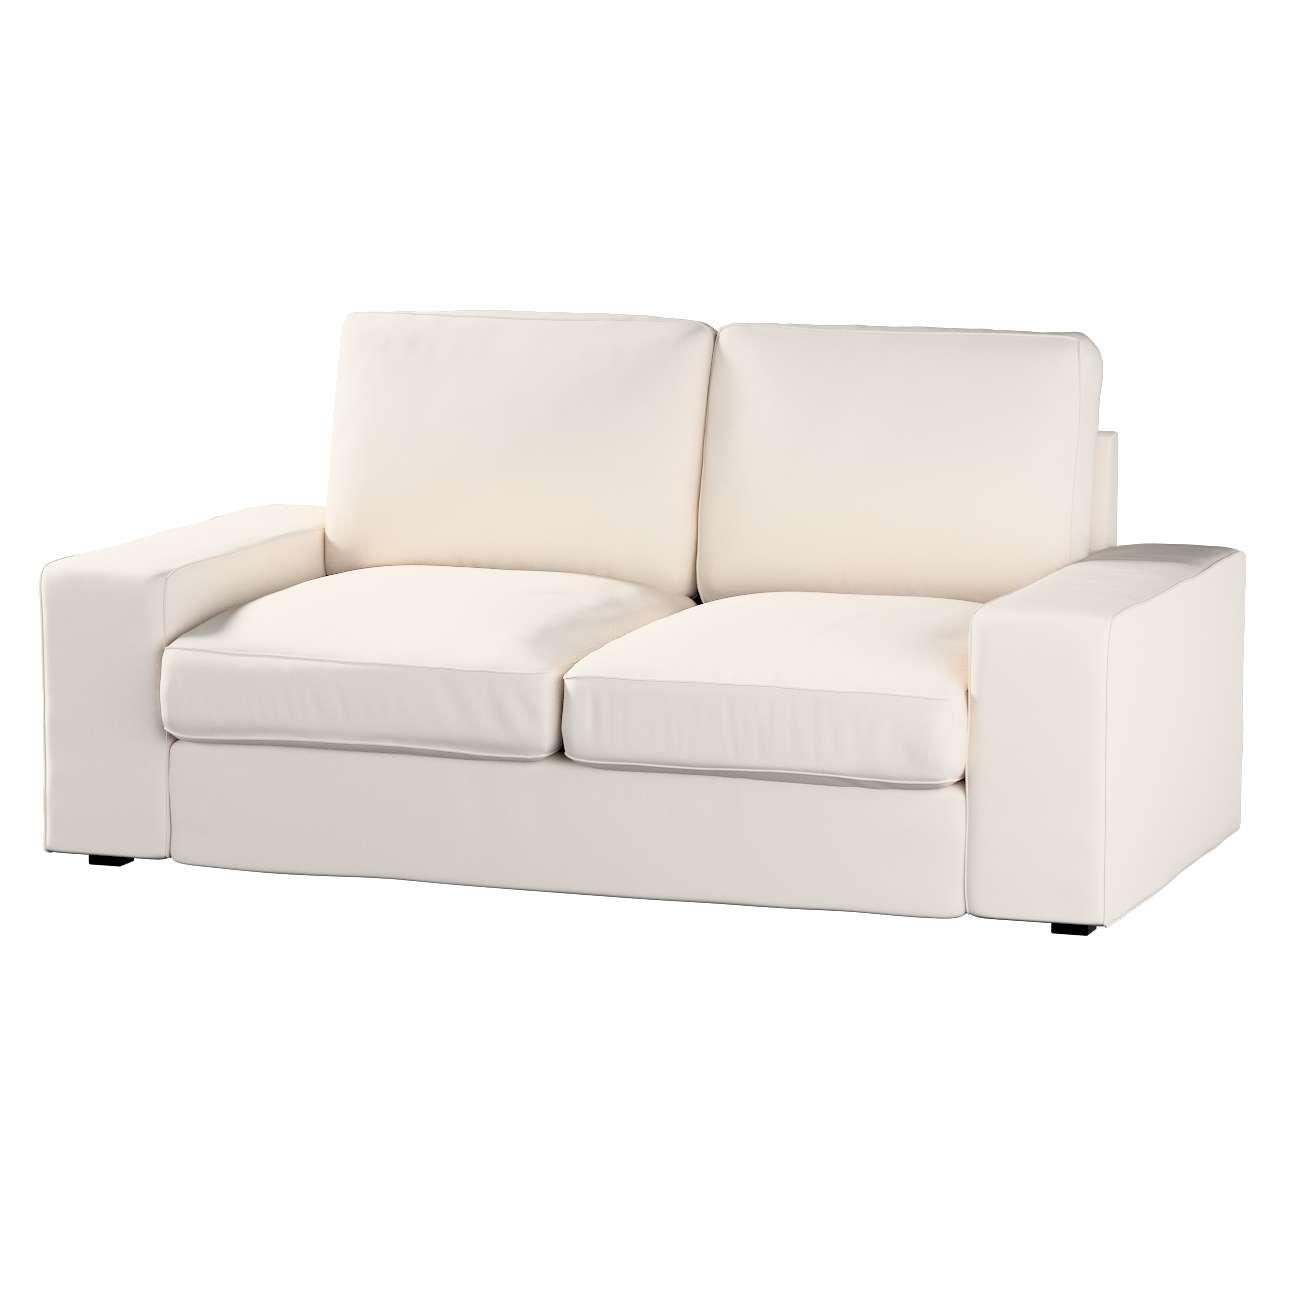 KIVIK dvivietės sofos užvalkalas Kivik 2-seat sofa kolekcijoje Etna , audinys: 705-01